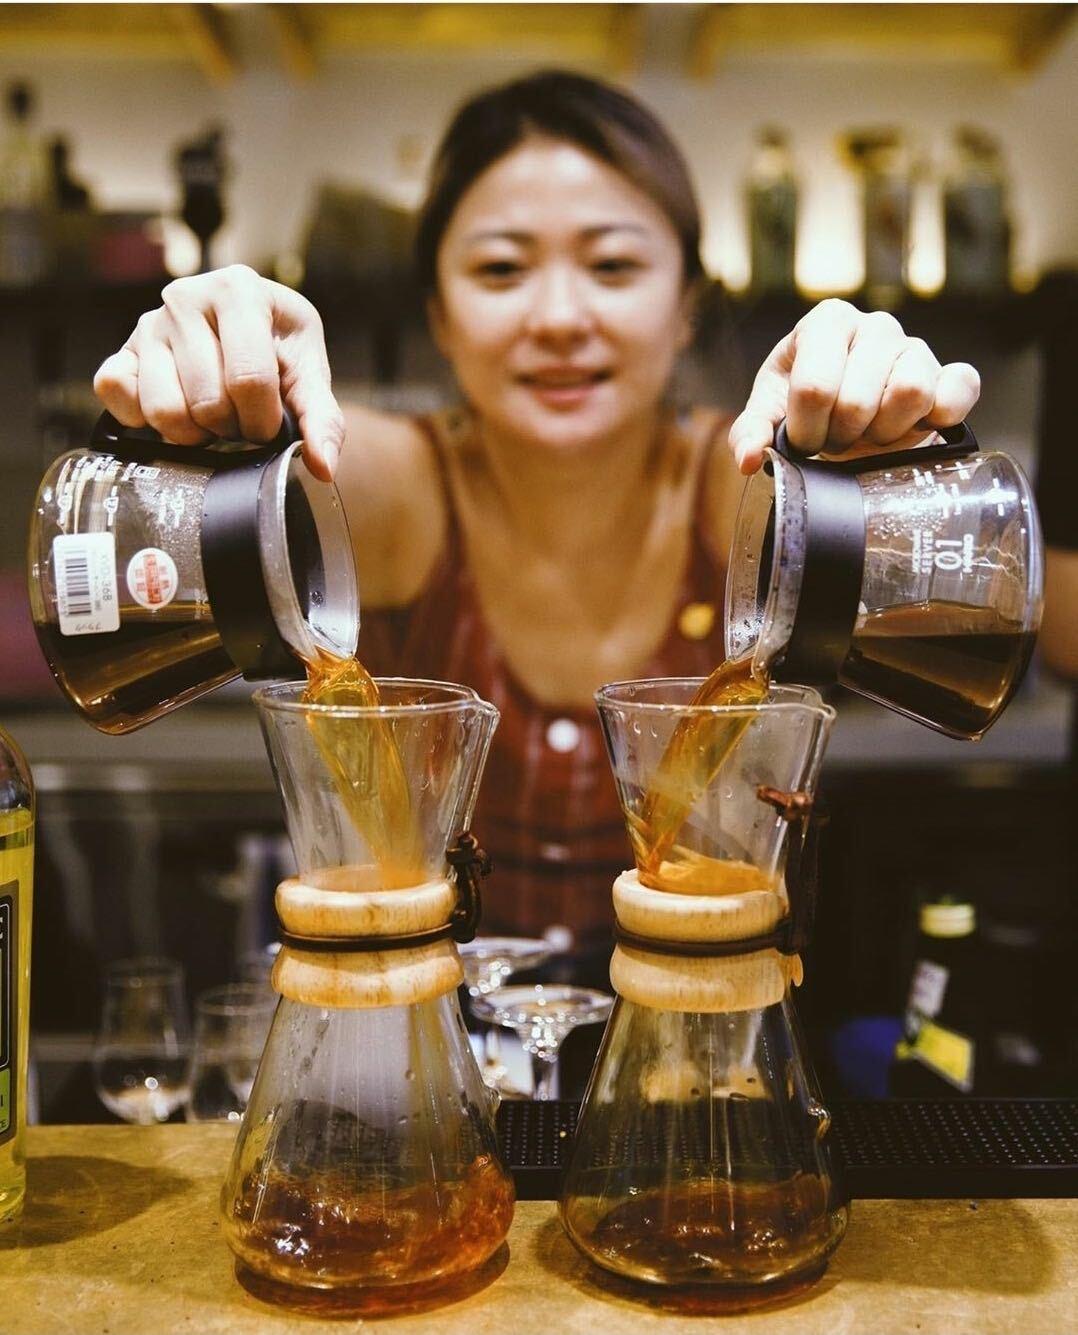 Mandy Mok 在咖啡店內開心地沖手沖 pour over 沖咖啡 Liz coffee